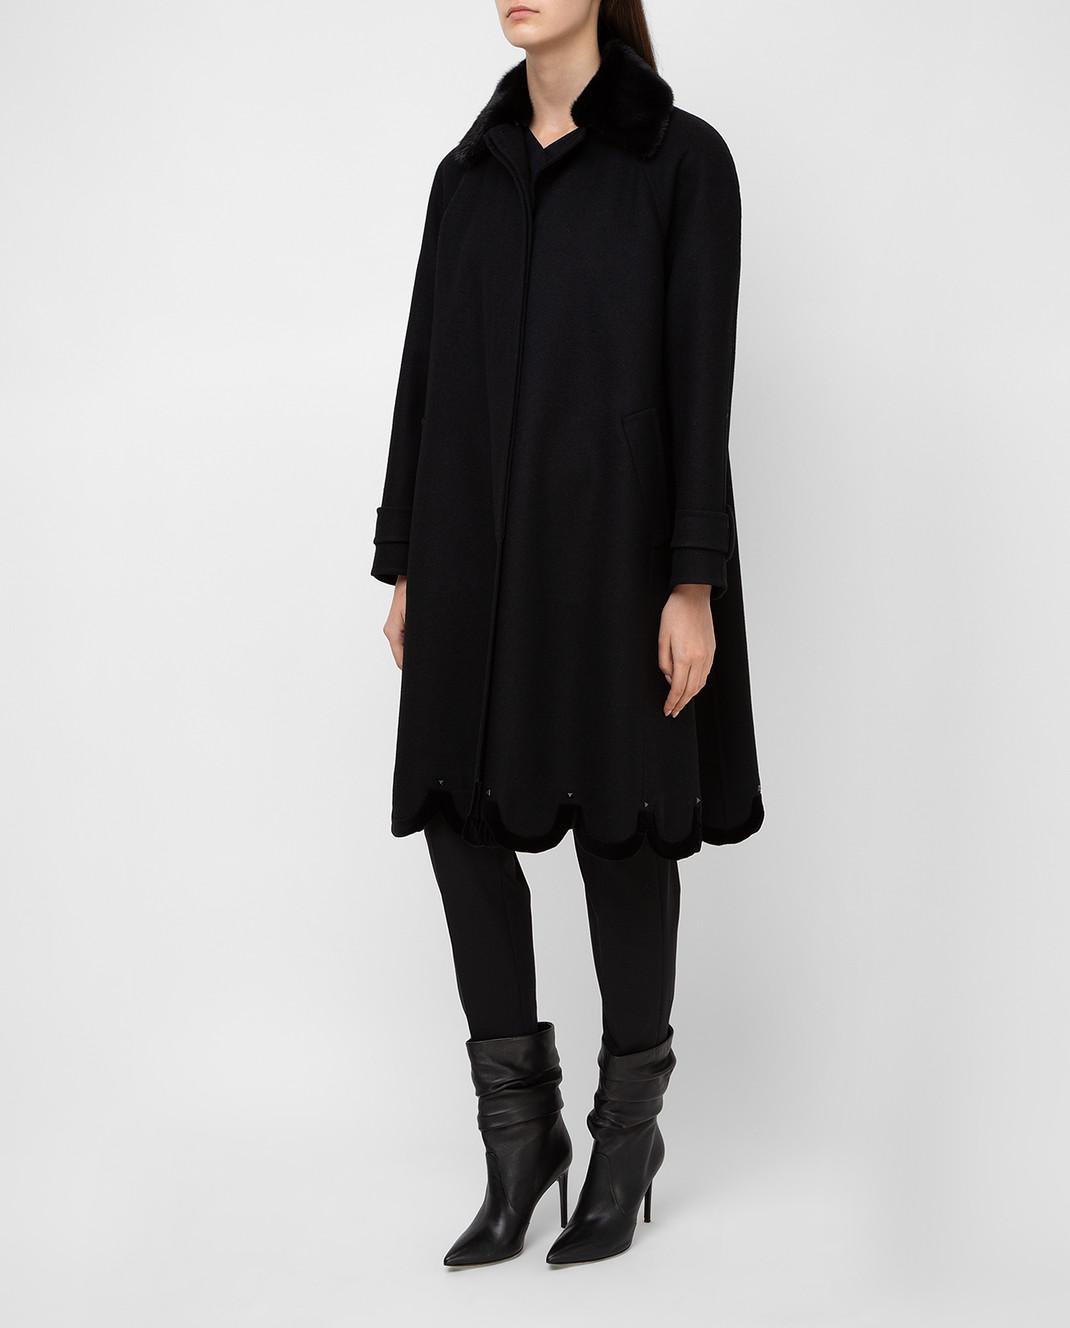 Valentino Черное пальто из шерсти с мехом норки QB3CA2Q51CJ изображение 3